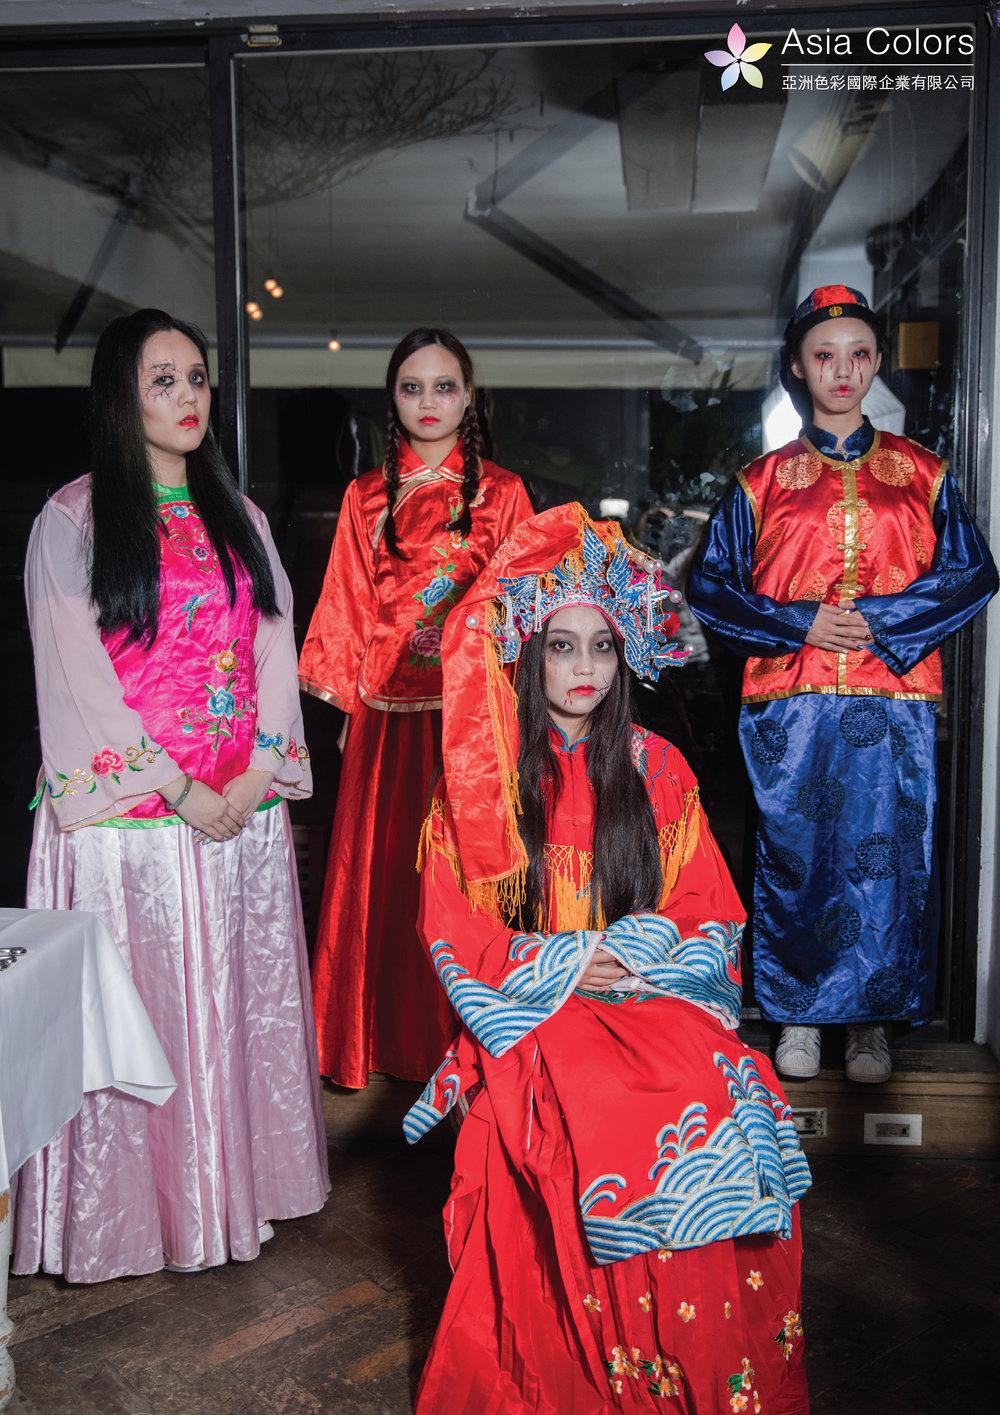 第一組 中國經典鬼裝組